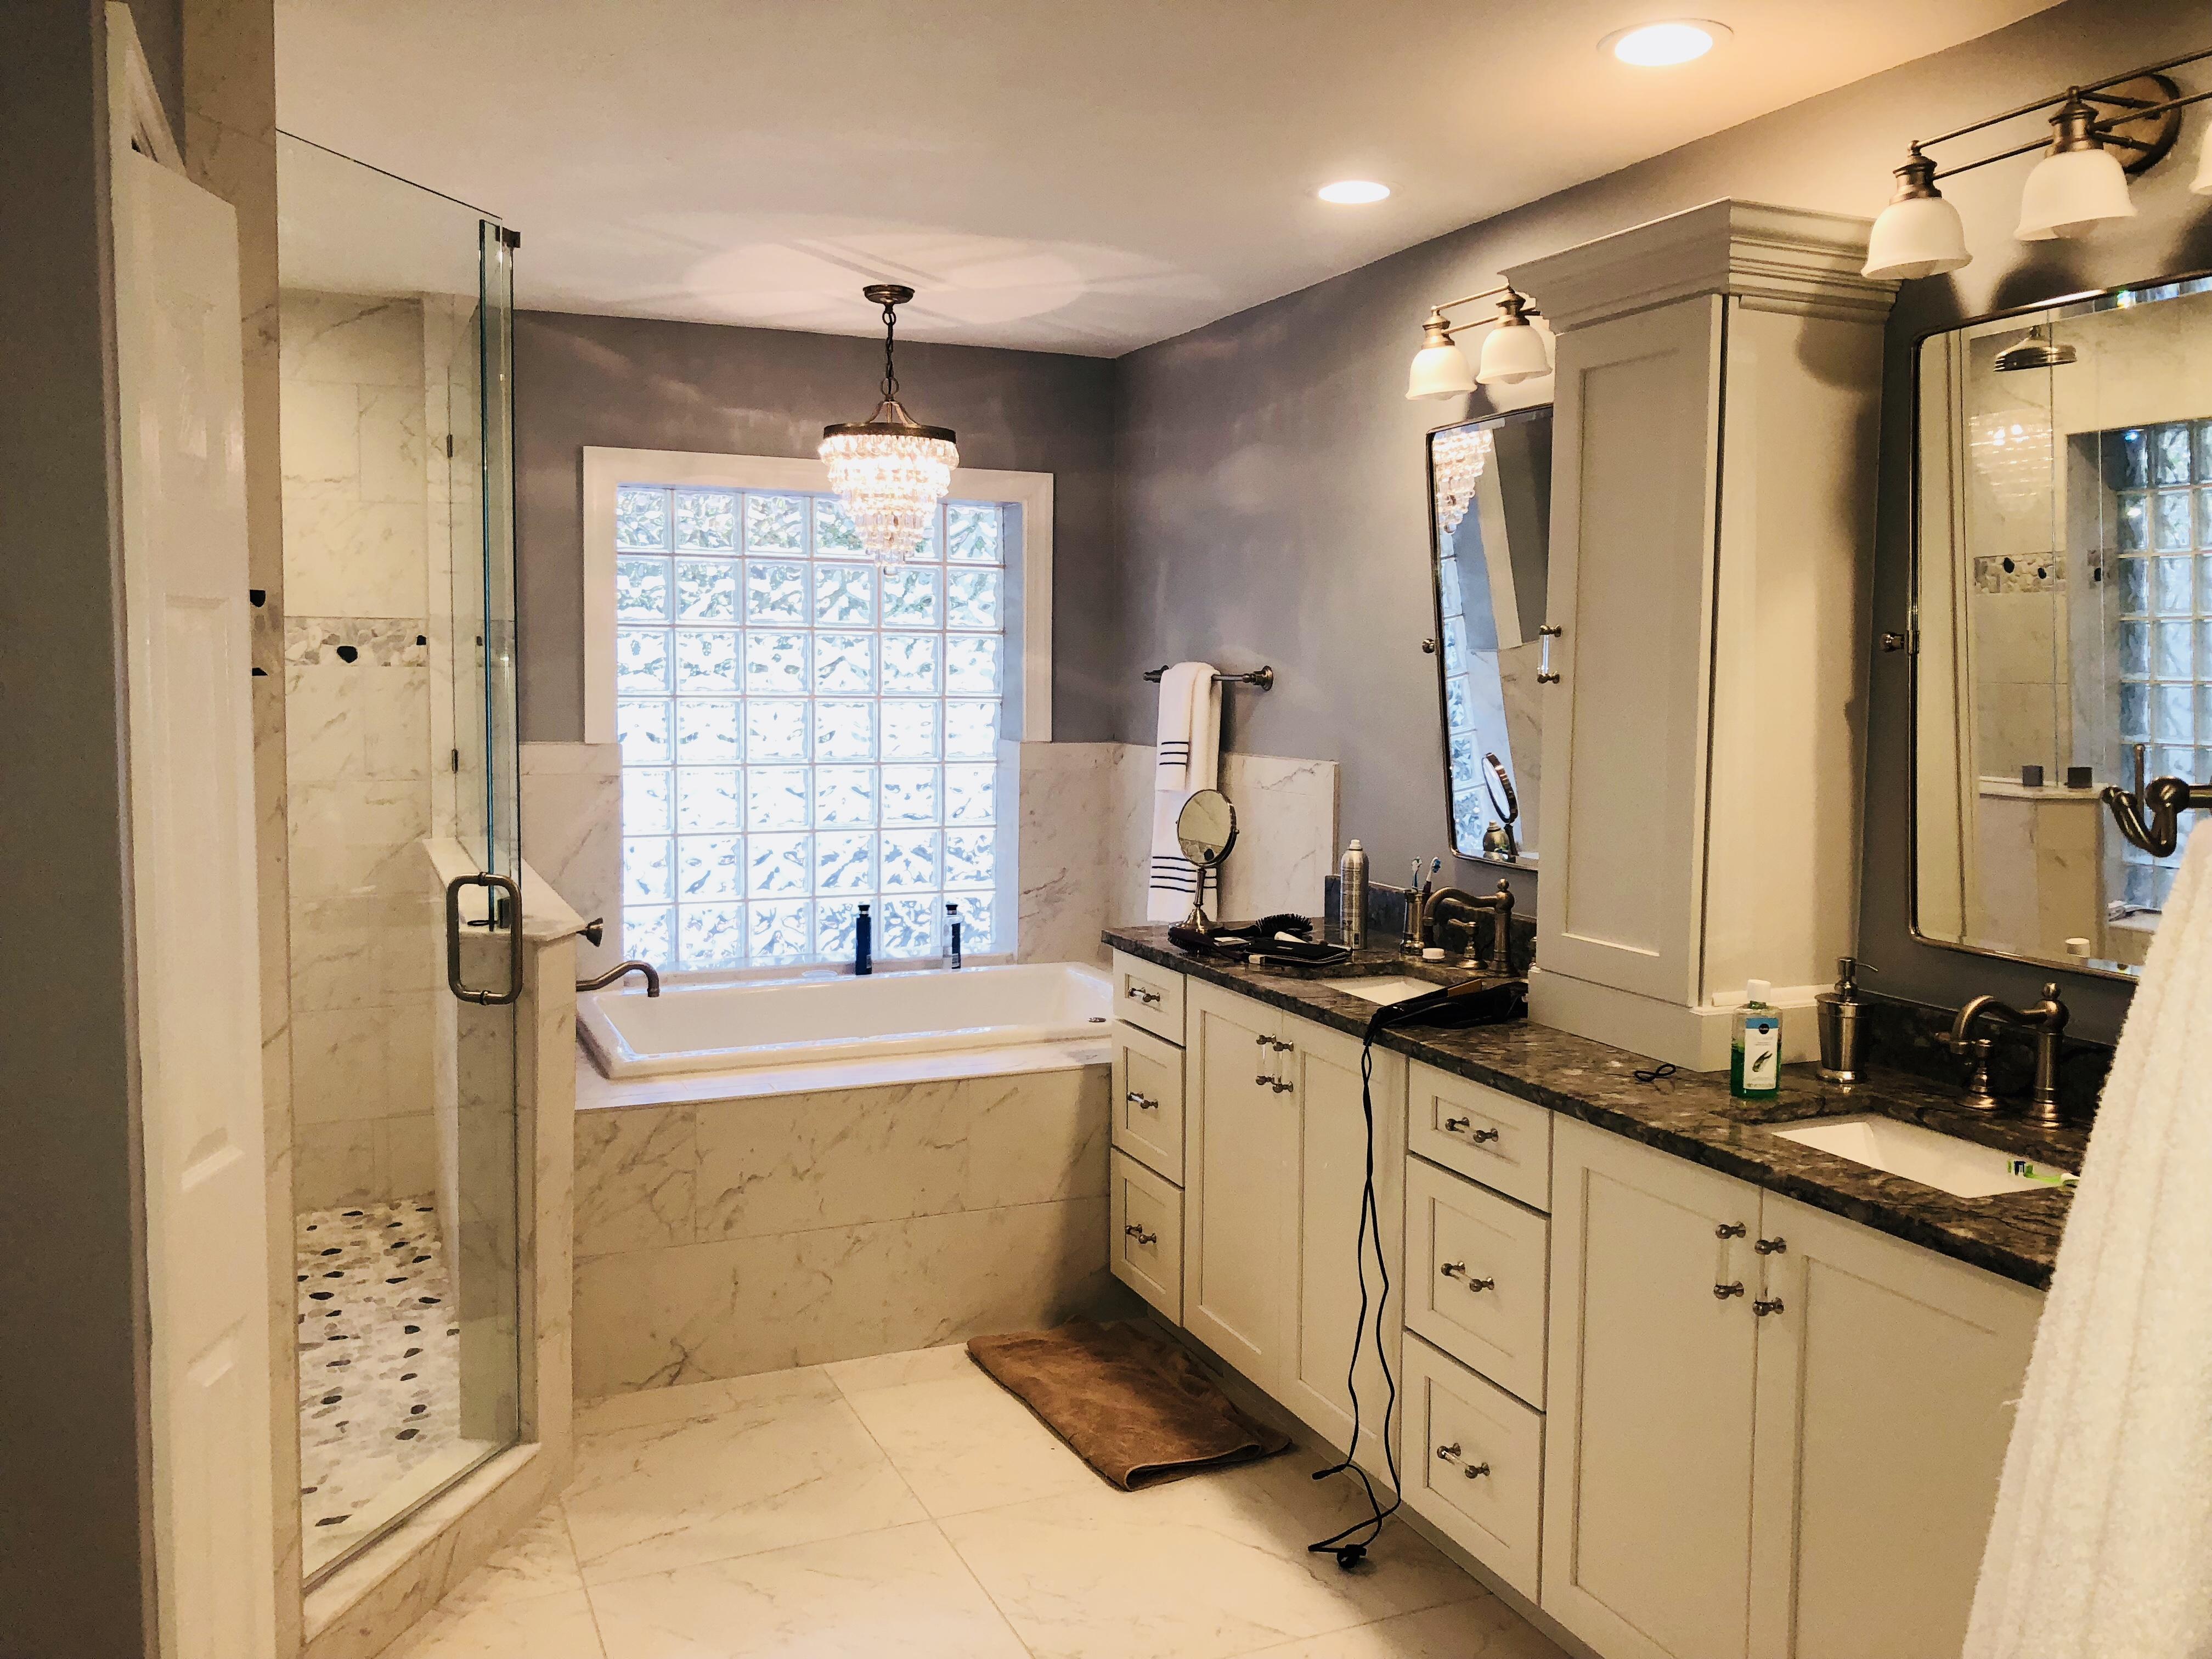 vanity/tub after